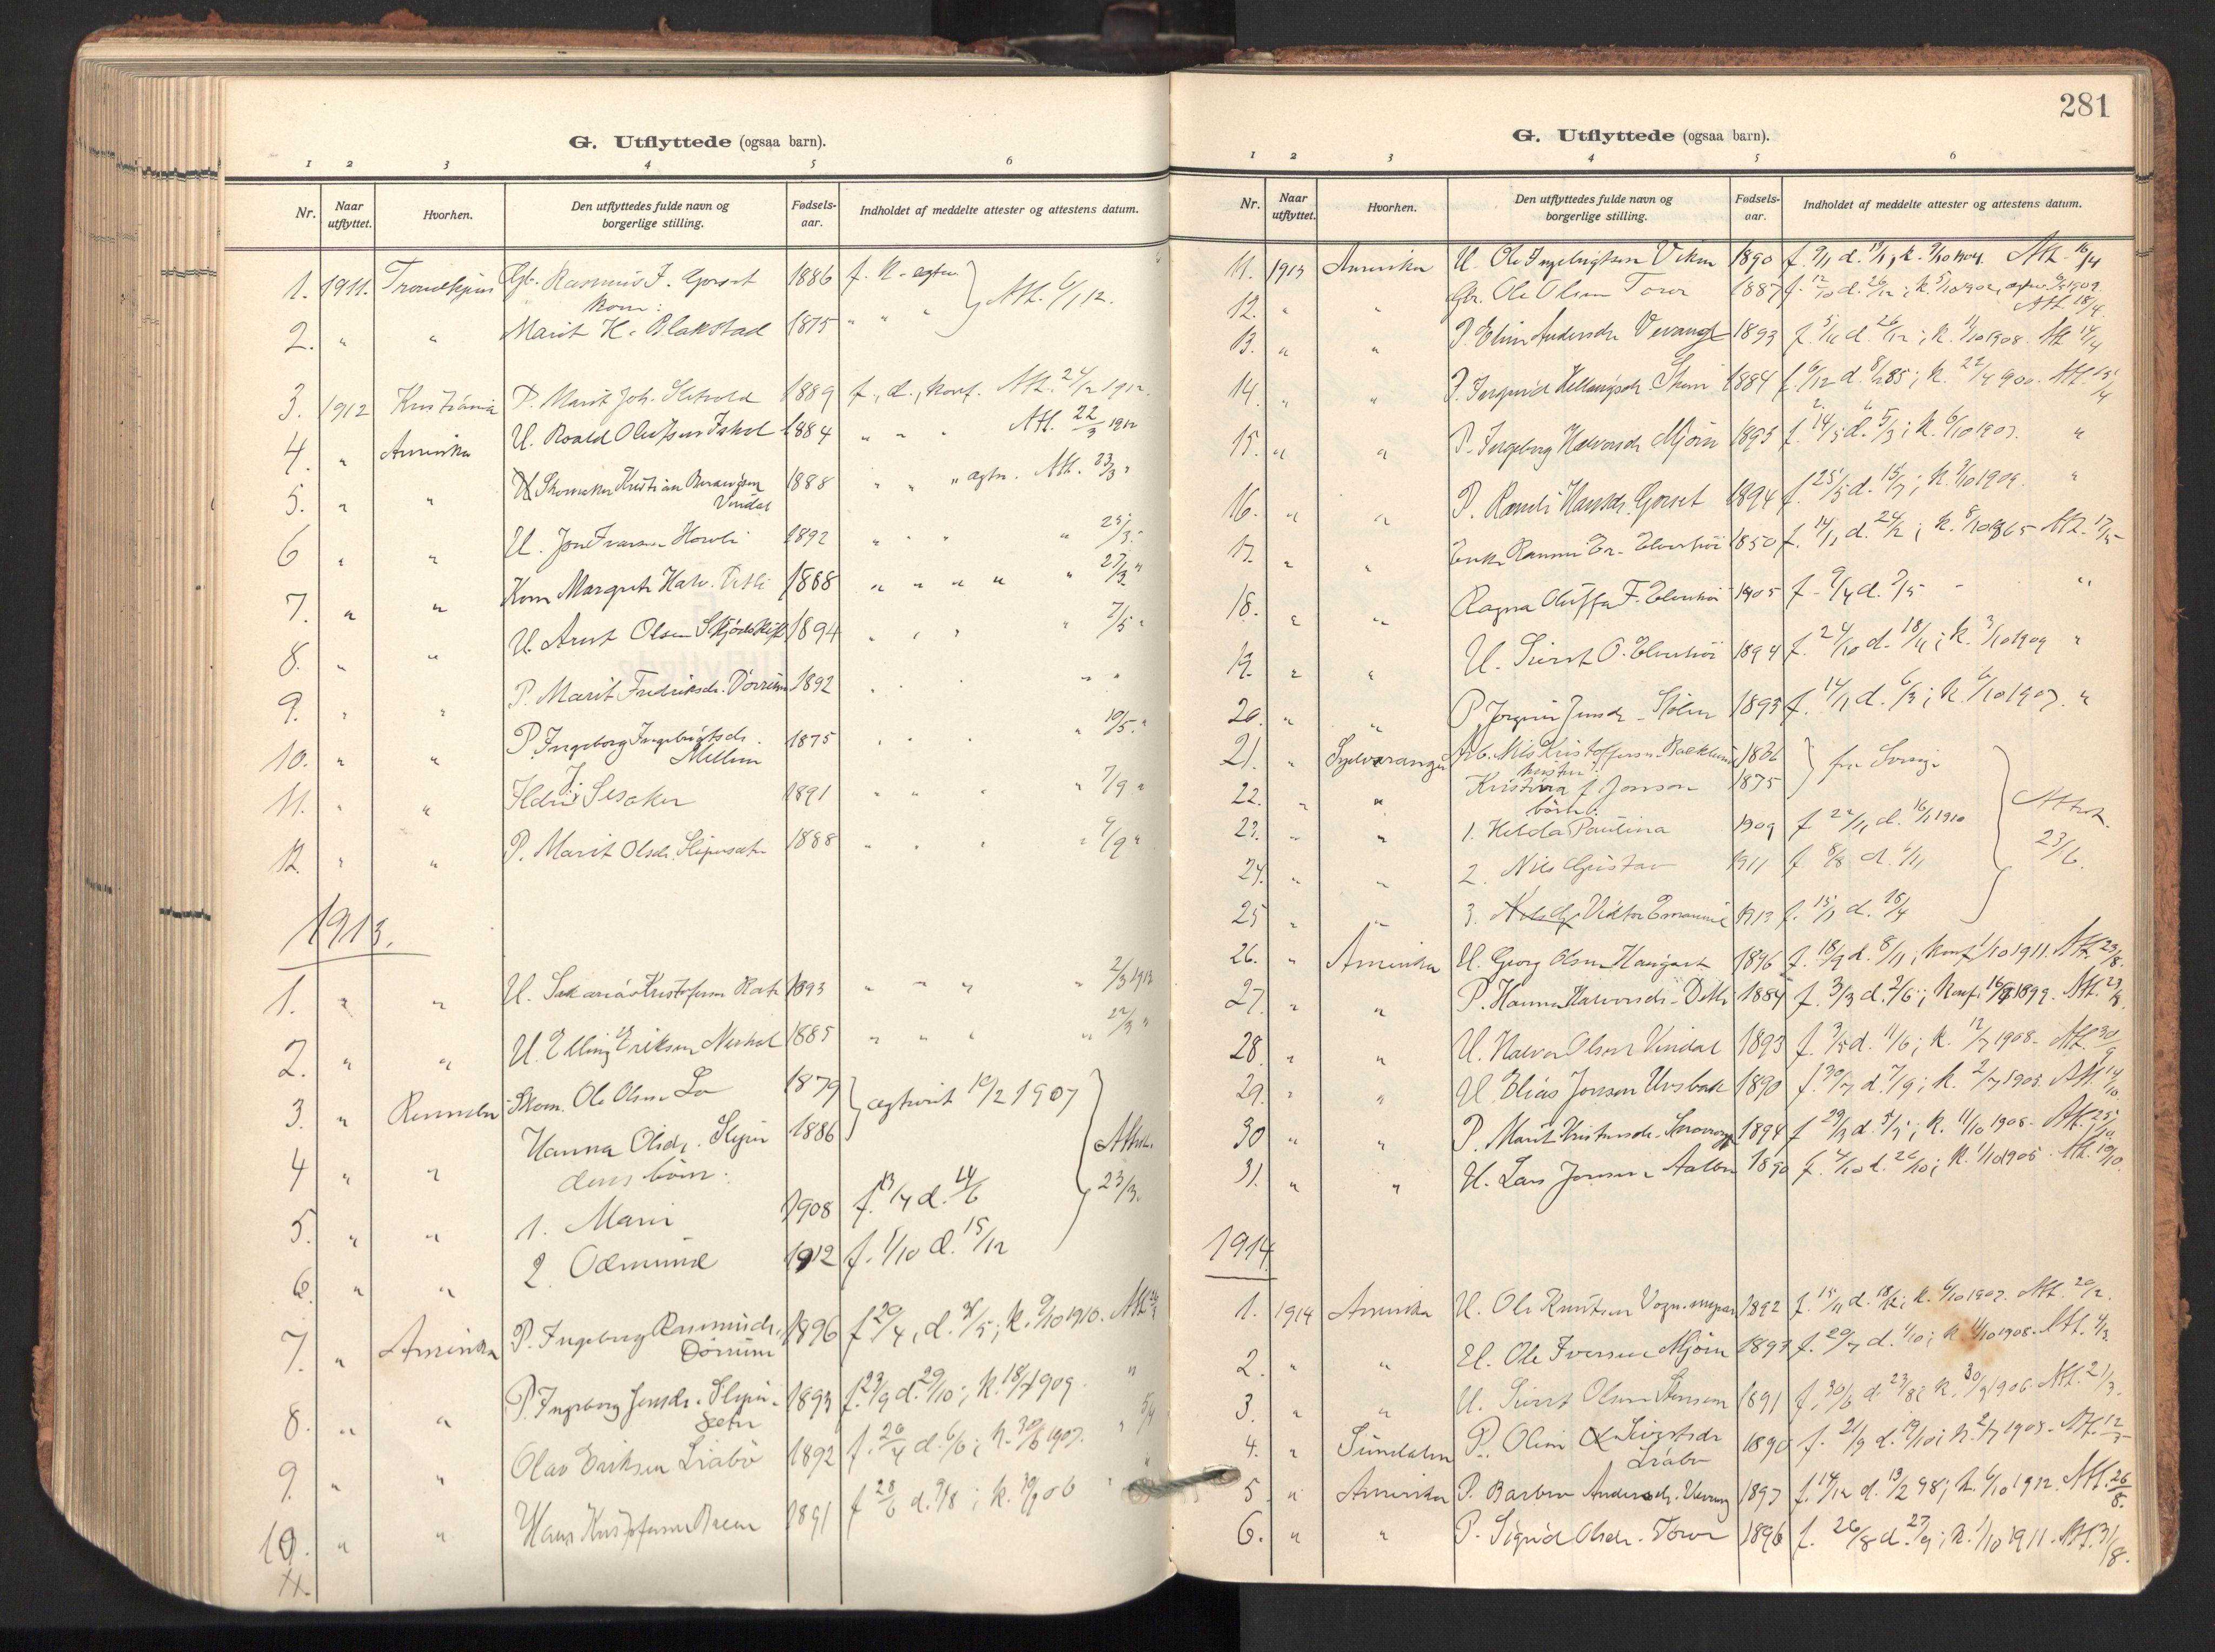 SAT, Ministerialprotokoller, klokkerbøker og fødselsregistre - Sør-Trøndelag, 678/L0909: Ministerialbok nr. 678A17, 1912-1930, s. 281